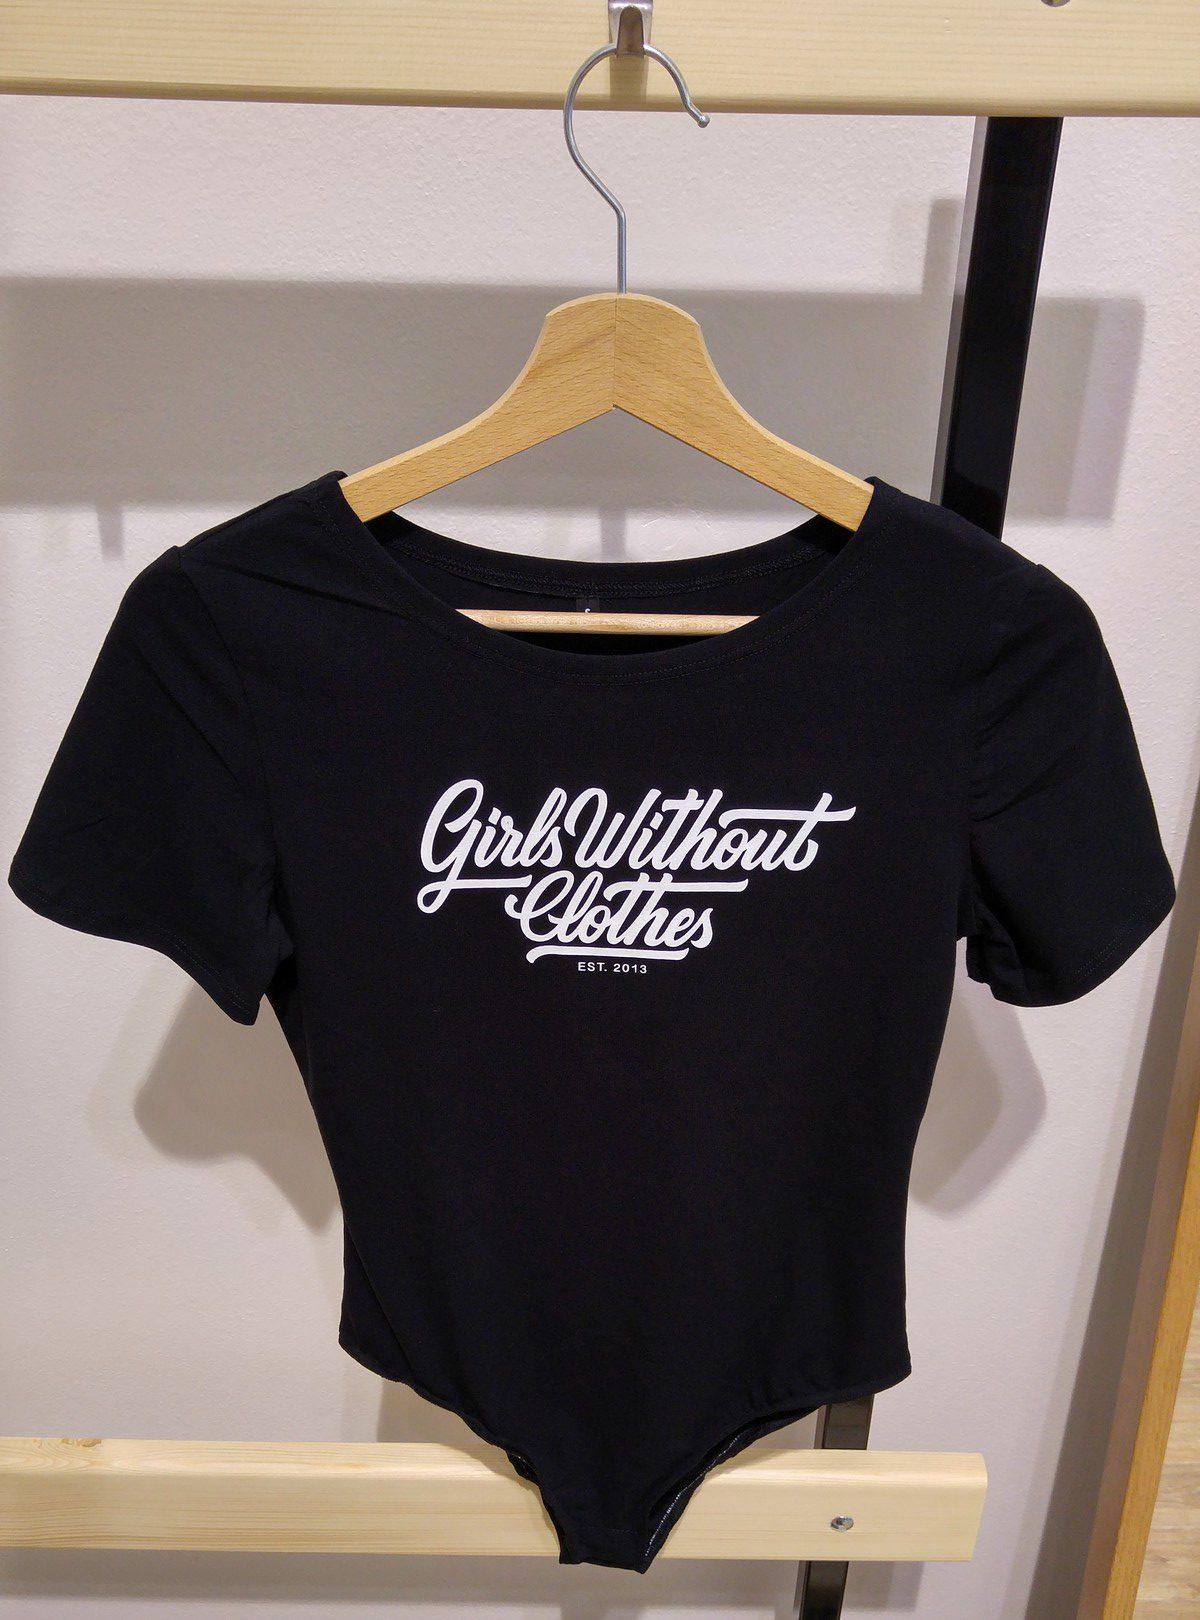 3ceae25d94c Česká streetwearová značka Girls Without Clothes má první kamenný ...